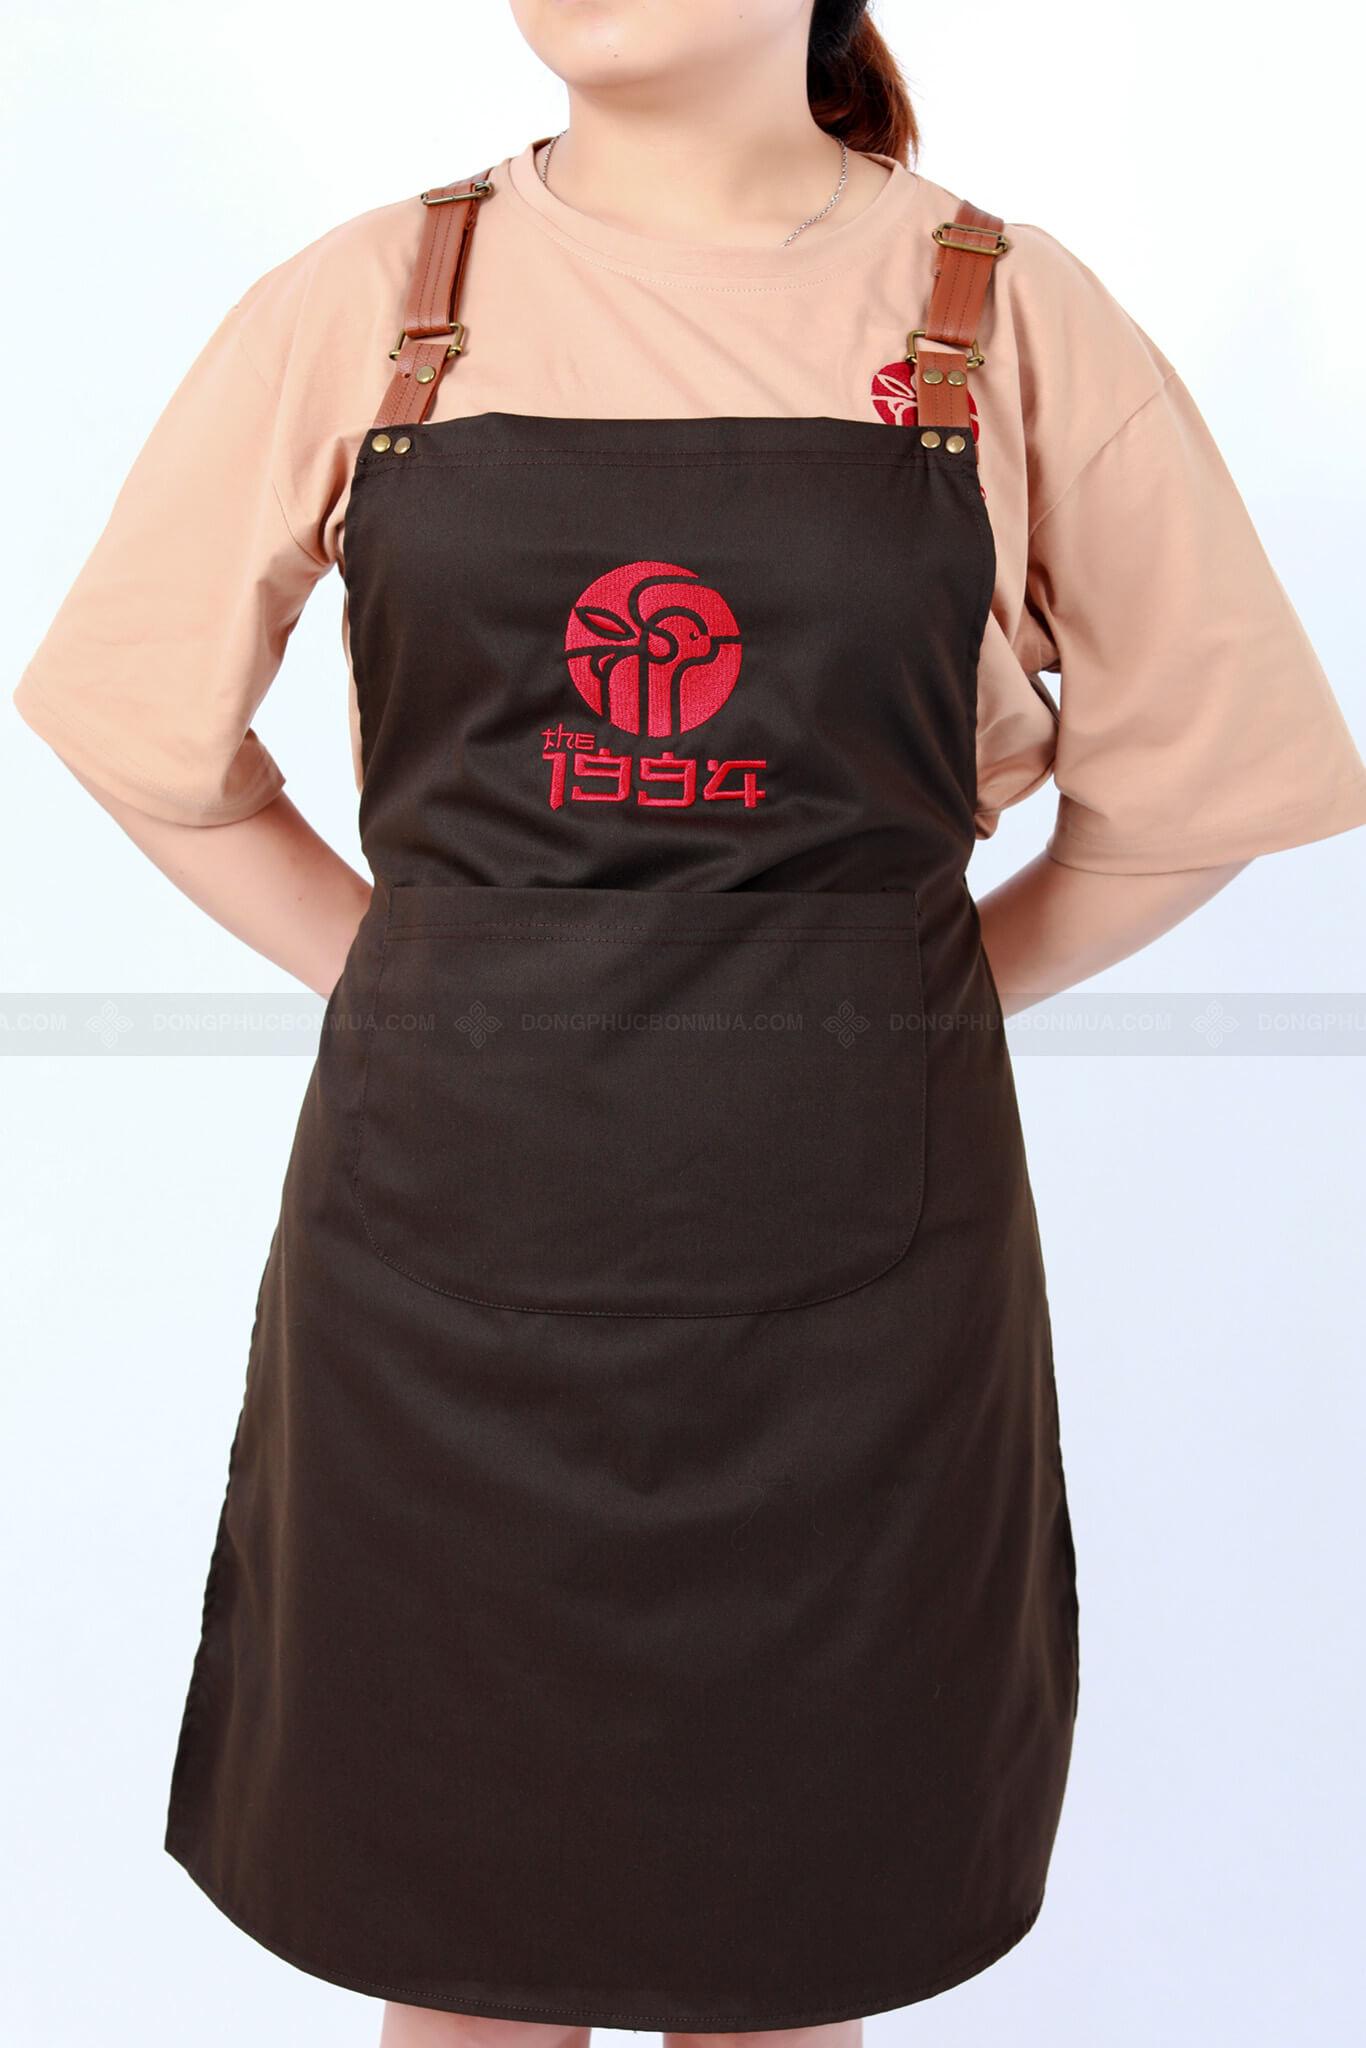 đồng phục nhà hàng Việt